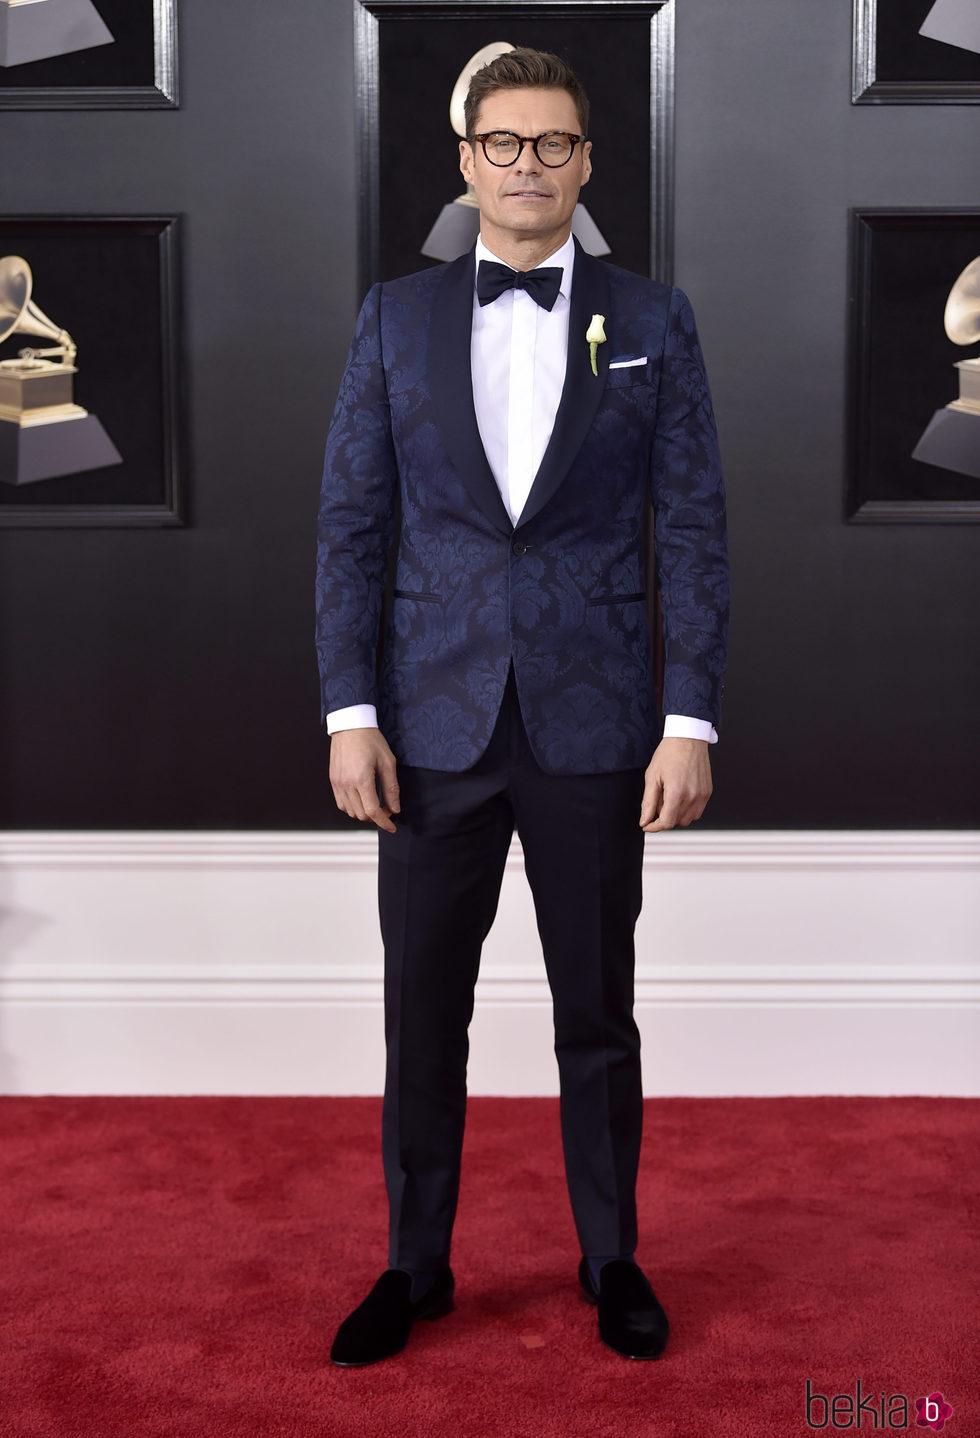 Ryan Seacrest en la alfombra roja de los Premios Grammy 2018